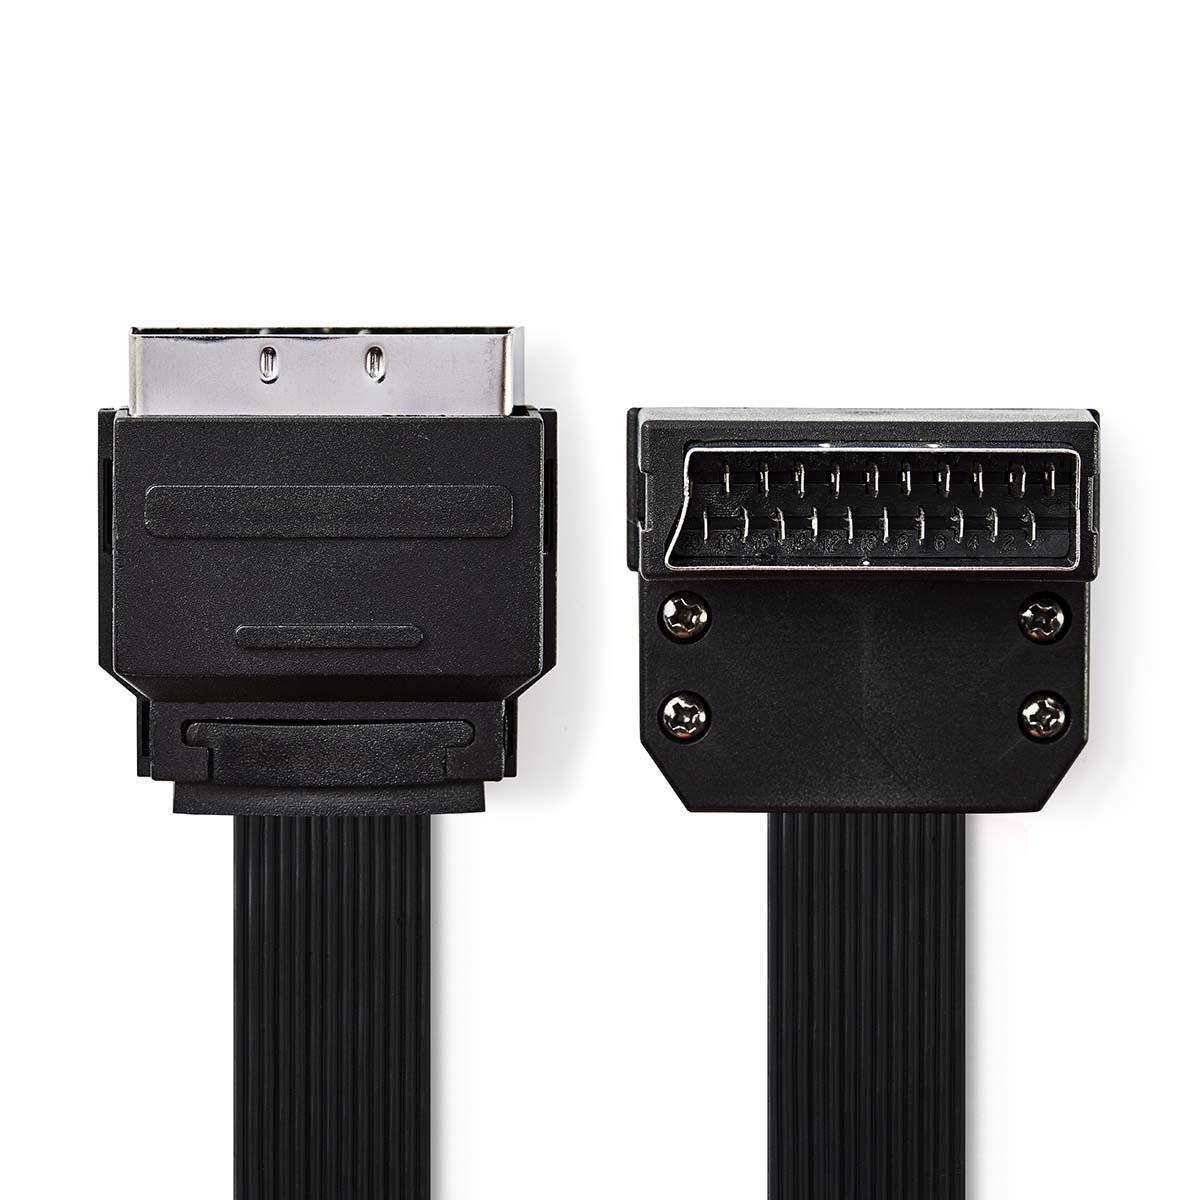 tronicxl Scart Cable AV Cable Plano Banda Plano euroconector Cable EUROCONECTOR Macho /ángulo Conector acodado/ /2/m